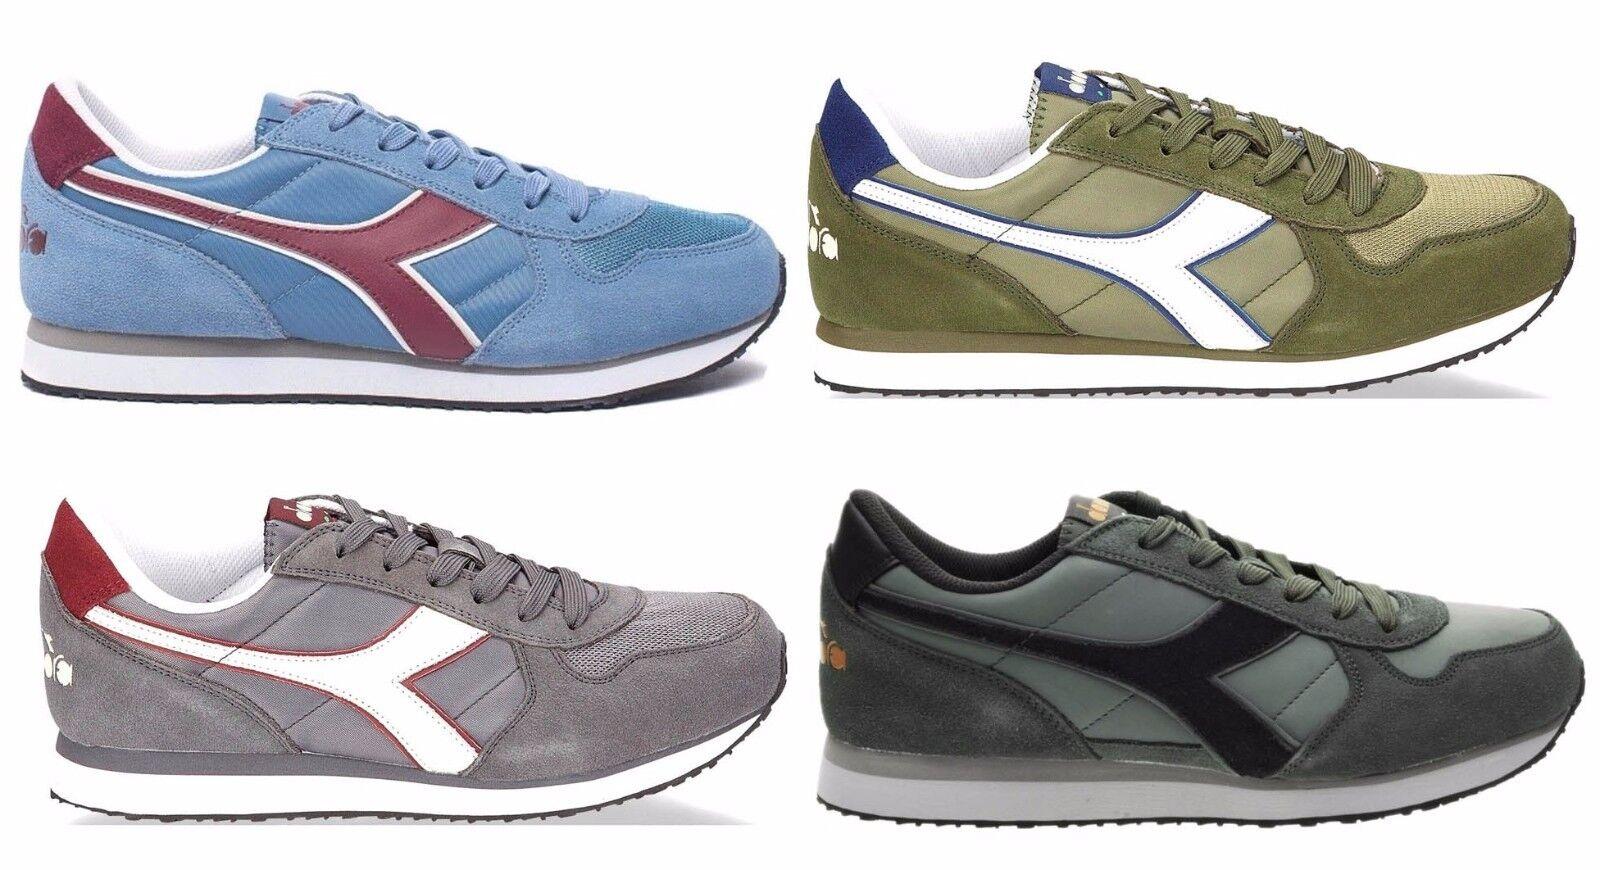 DIADORA K RUN II 170823 scarpe uomo sportive scarpe da ginnastica camoscio trainer running | Qualità In Primo Luogo  | Uomo/Donne Scarpa